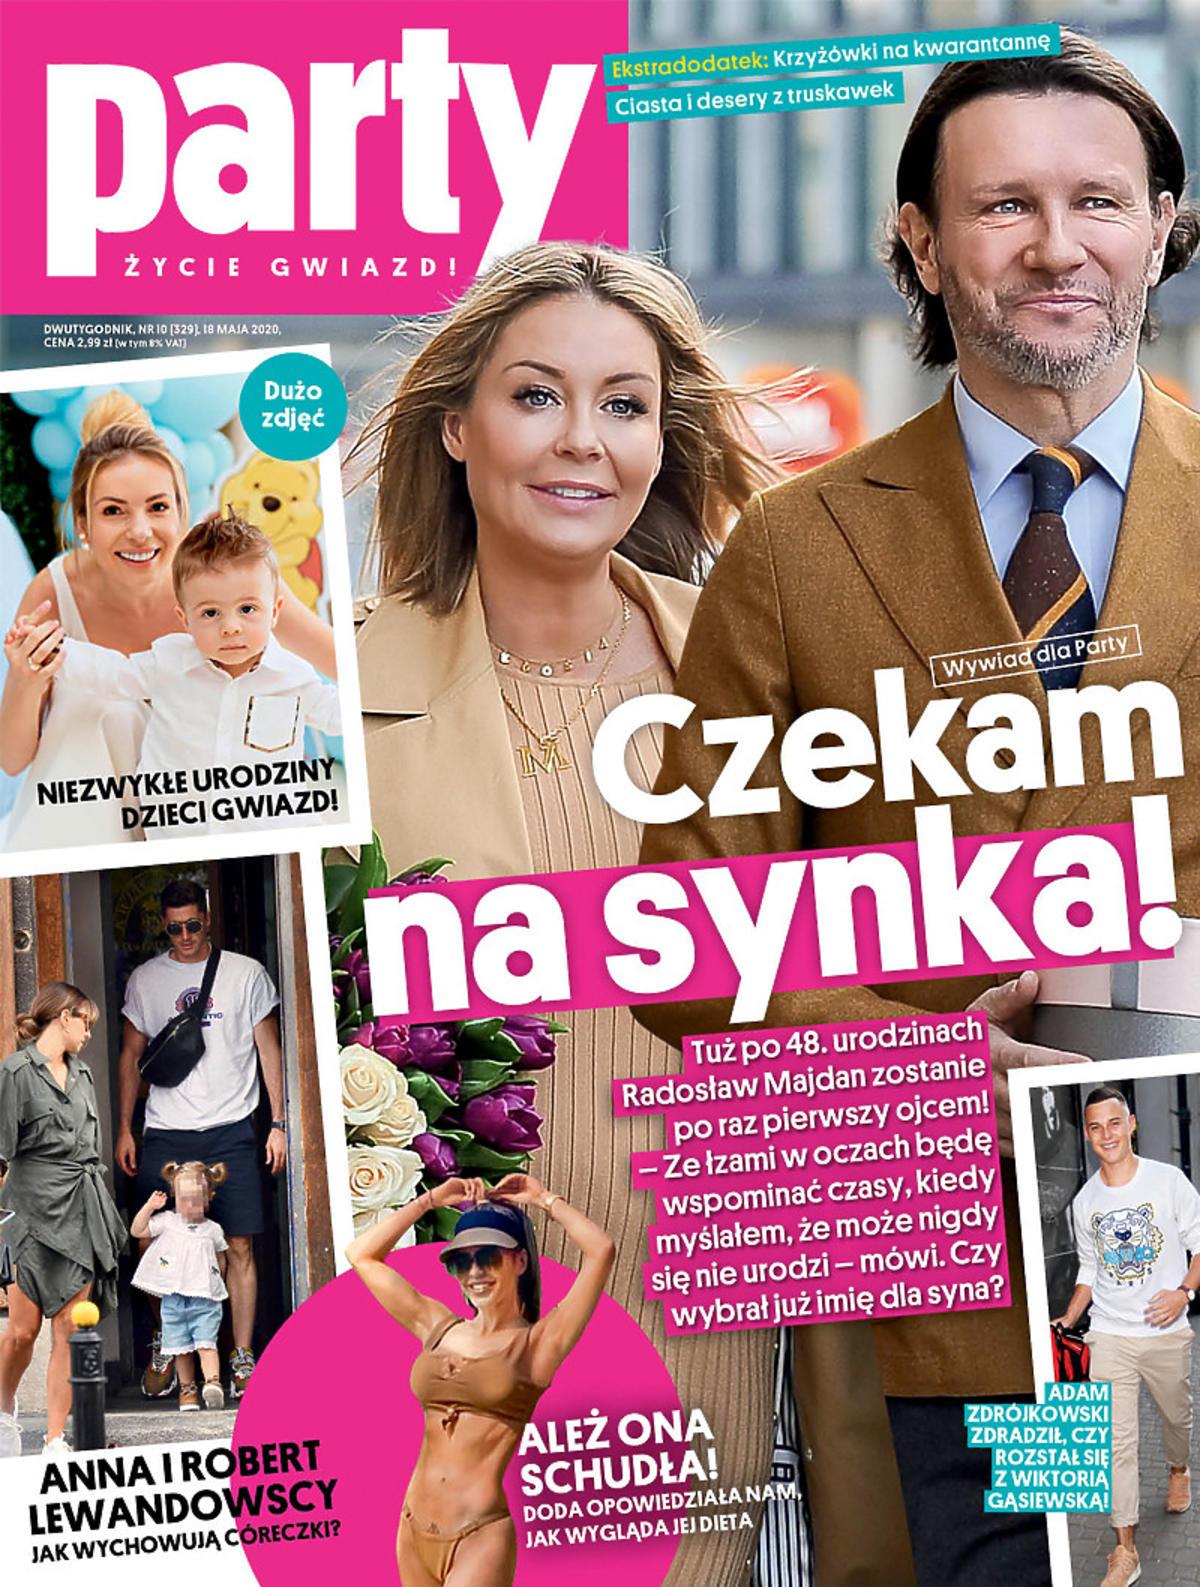 Małgorzata Rozenek i Radosław Majdan będą mieć syna. Okładka